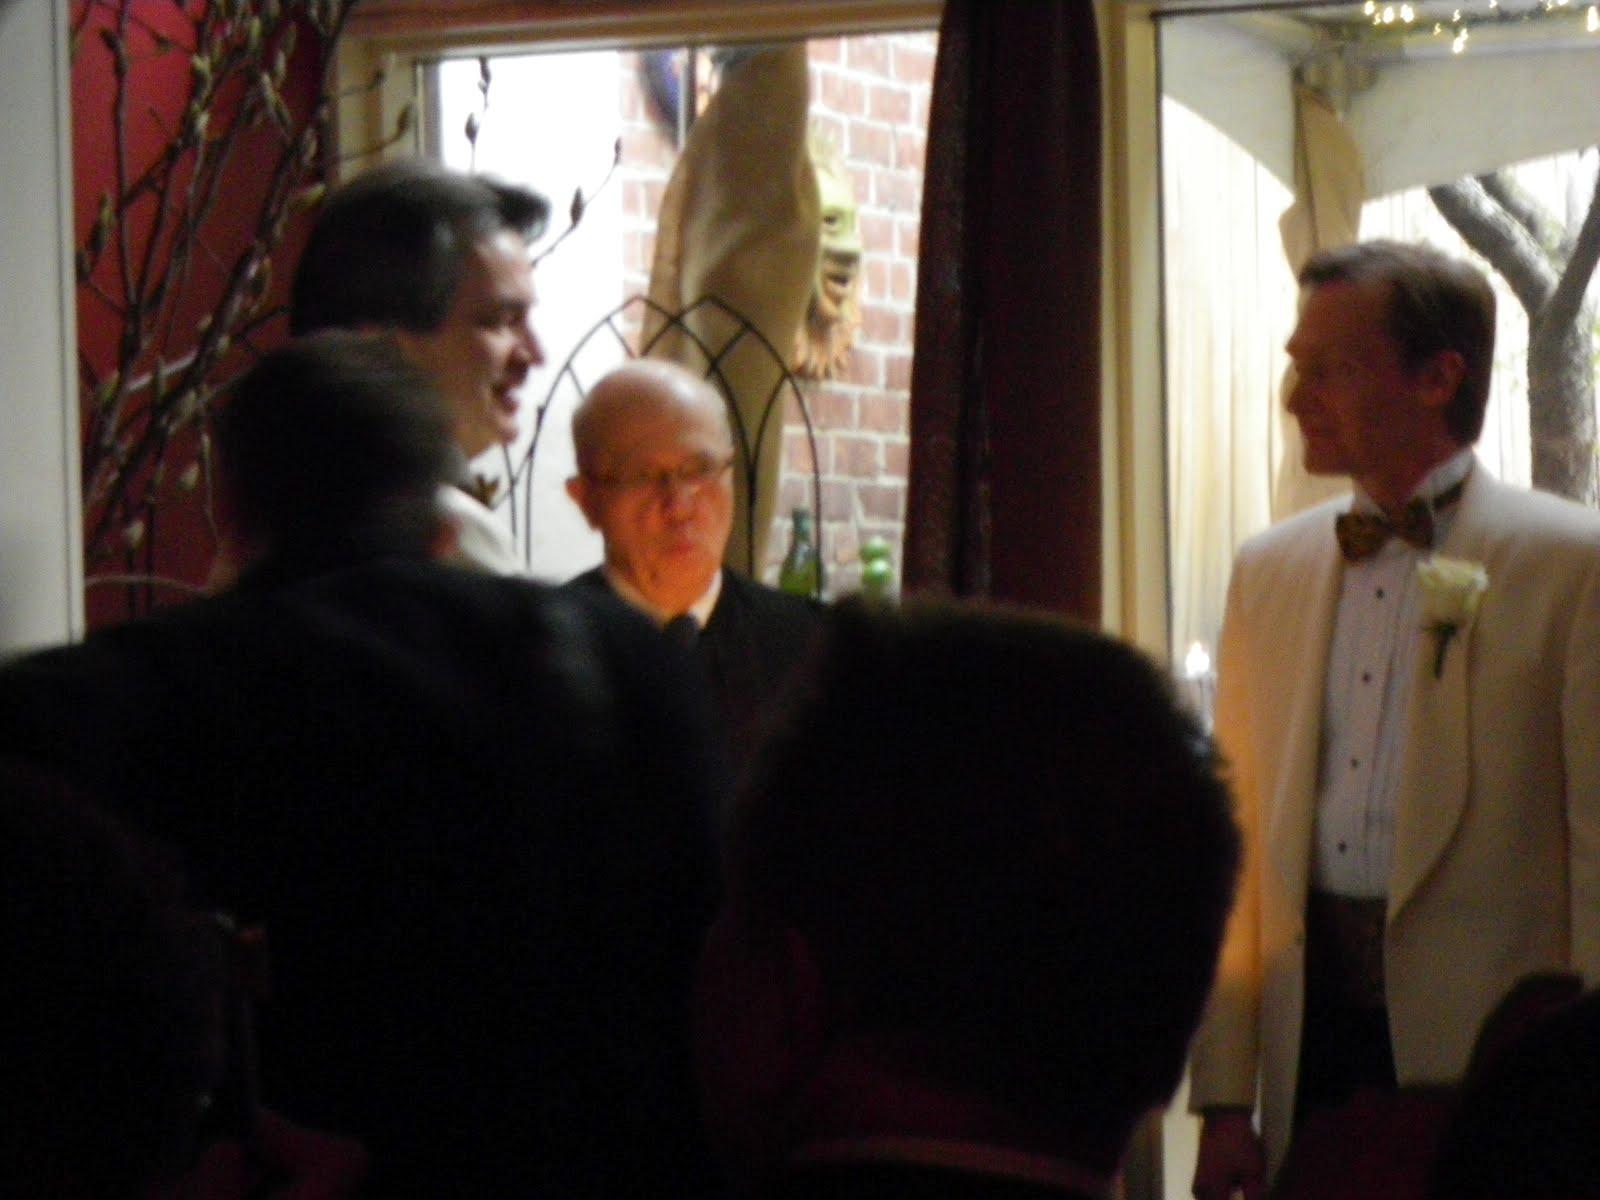 rencontre des gay zodiac a Saint-Martin-dHeres